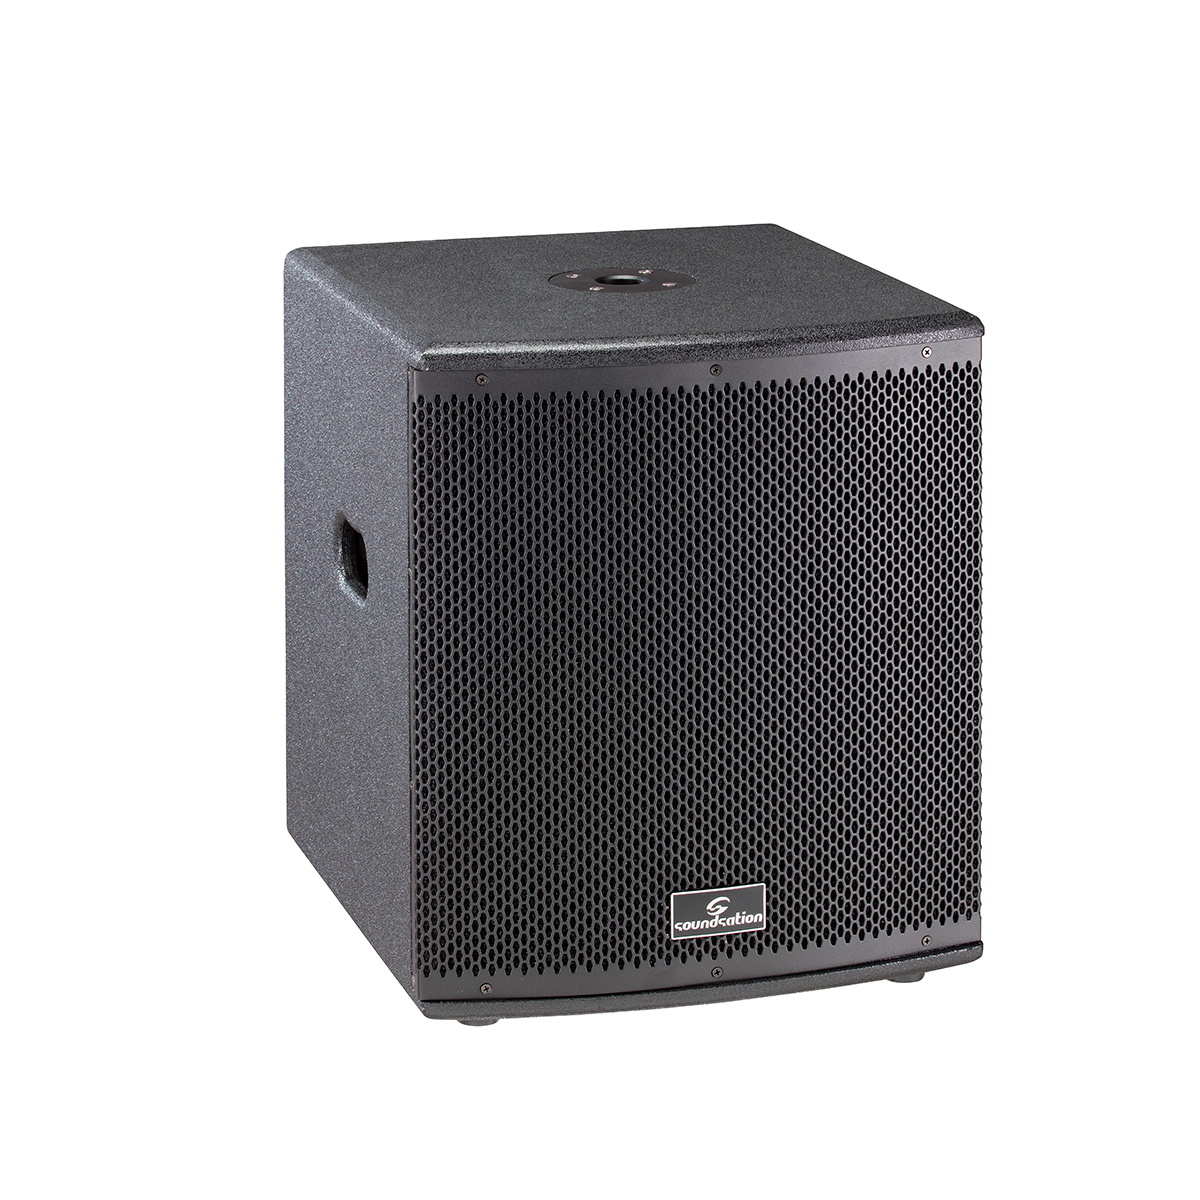 SUBWOOFER ATTIVO SOUNDSATION HYPER BASS 12A 900W